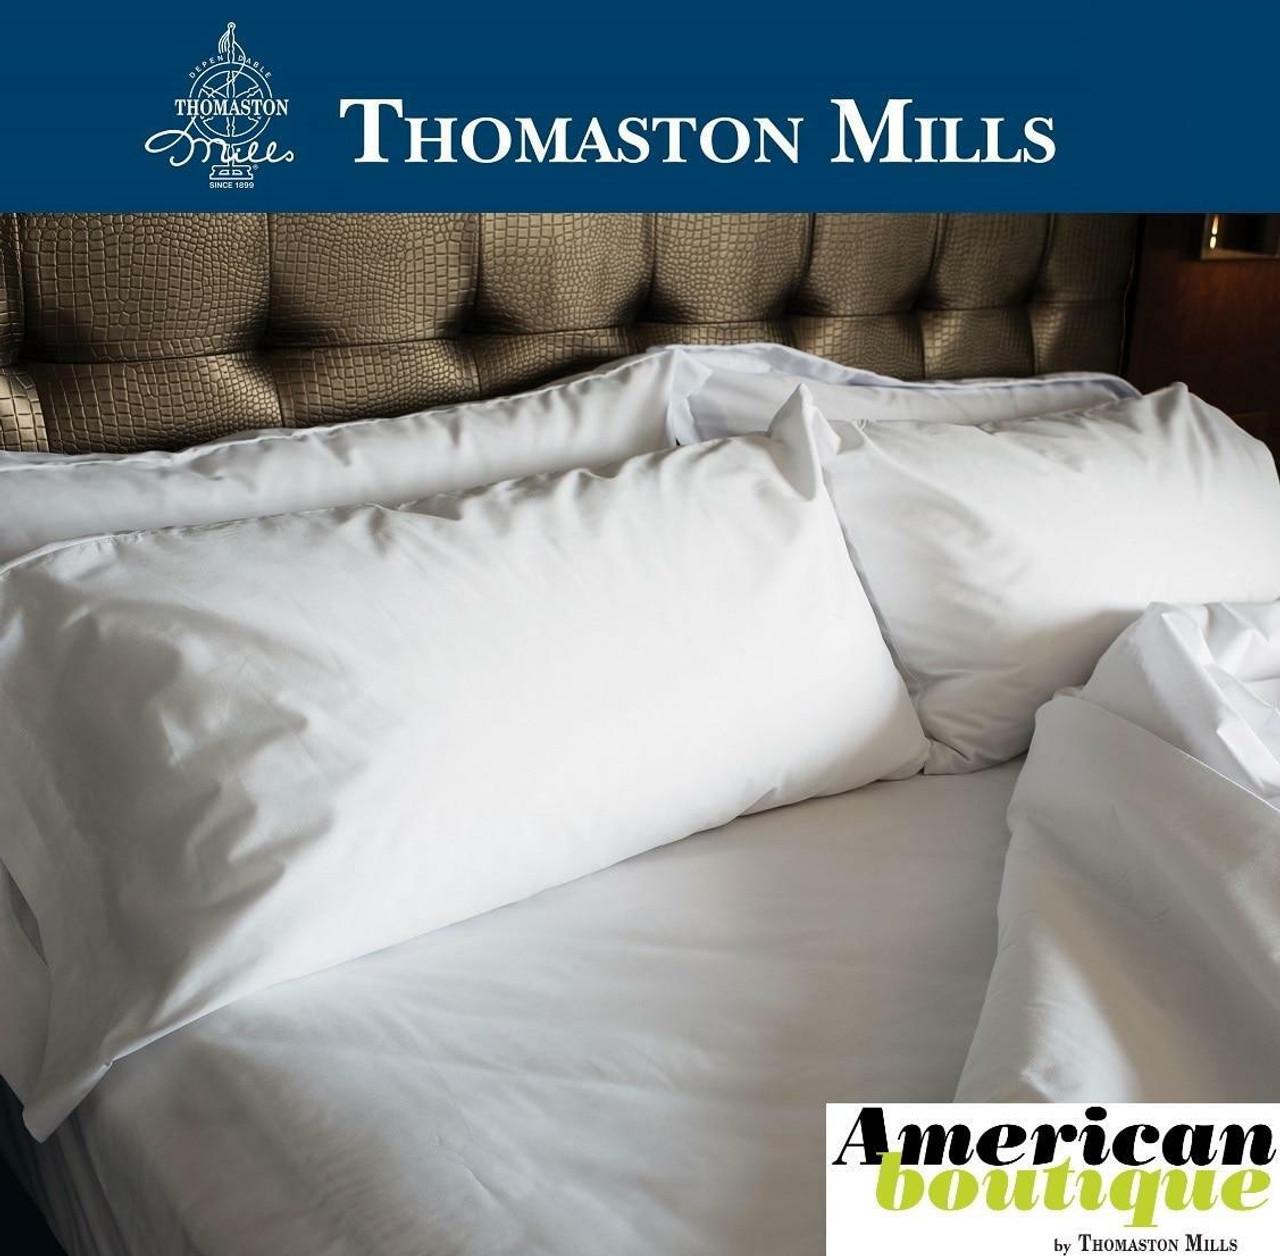 THOMASTON MILLS American Boutique T-300 By Thomaston Mills - All Sizes